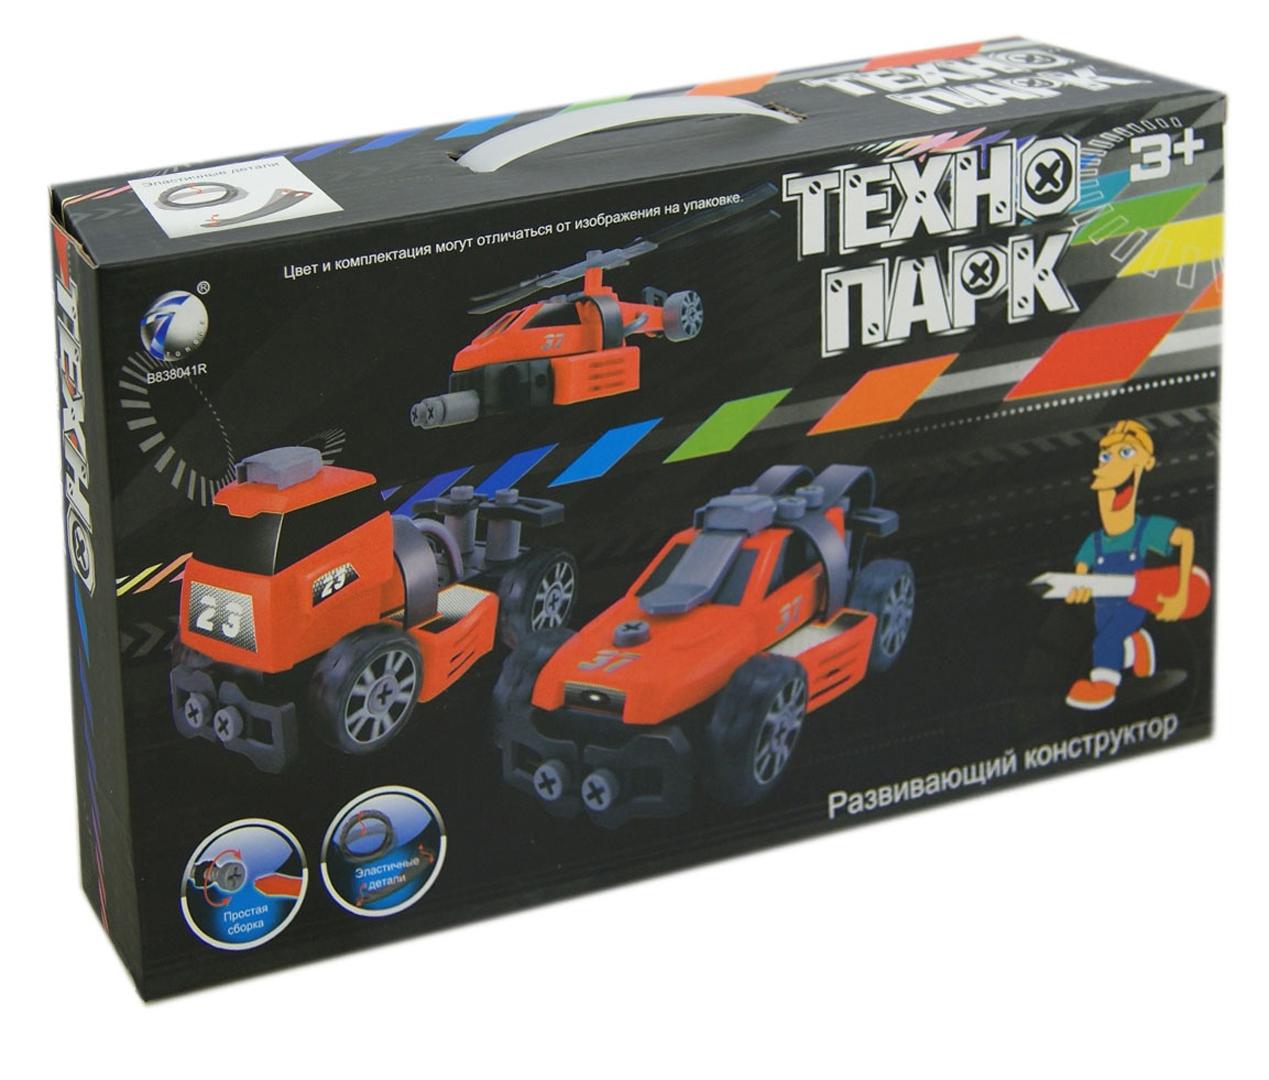 Иллюстрация 1 из 12 для Развивающий конструктор ТЕХНОПАРК, 3 модели (В72172) | Лабиринт - игрушки. Источник: Лабиринт